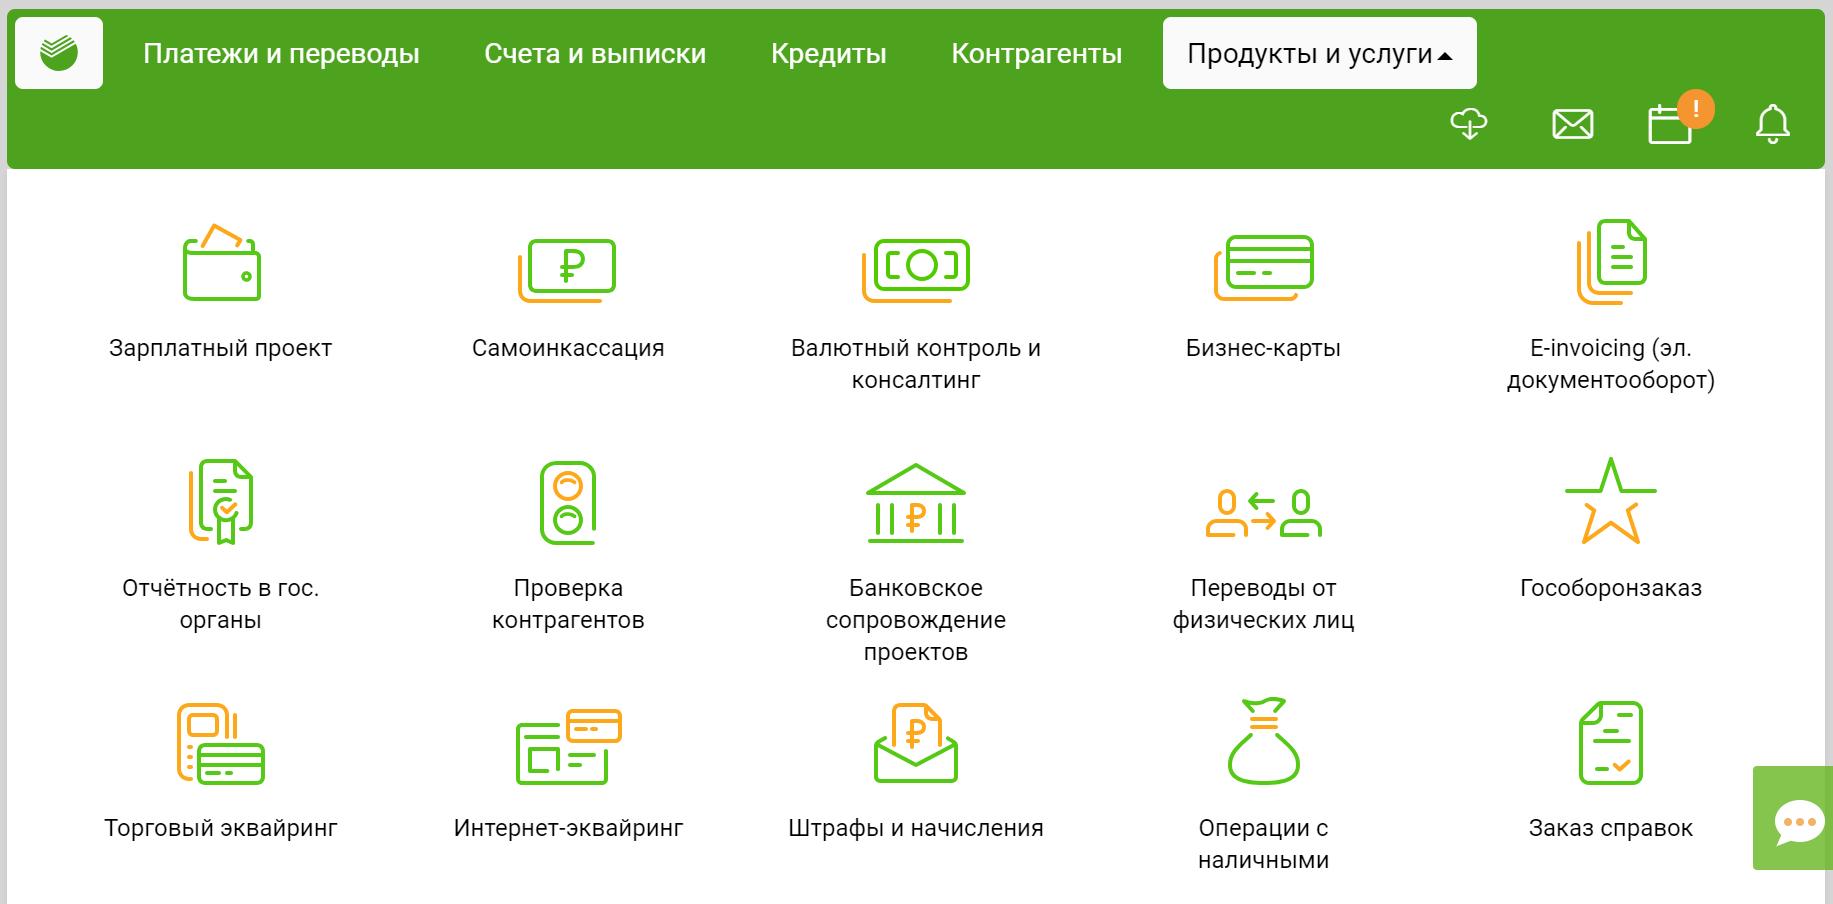 Функциональные особенности и основные услуги банка